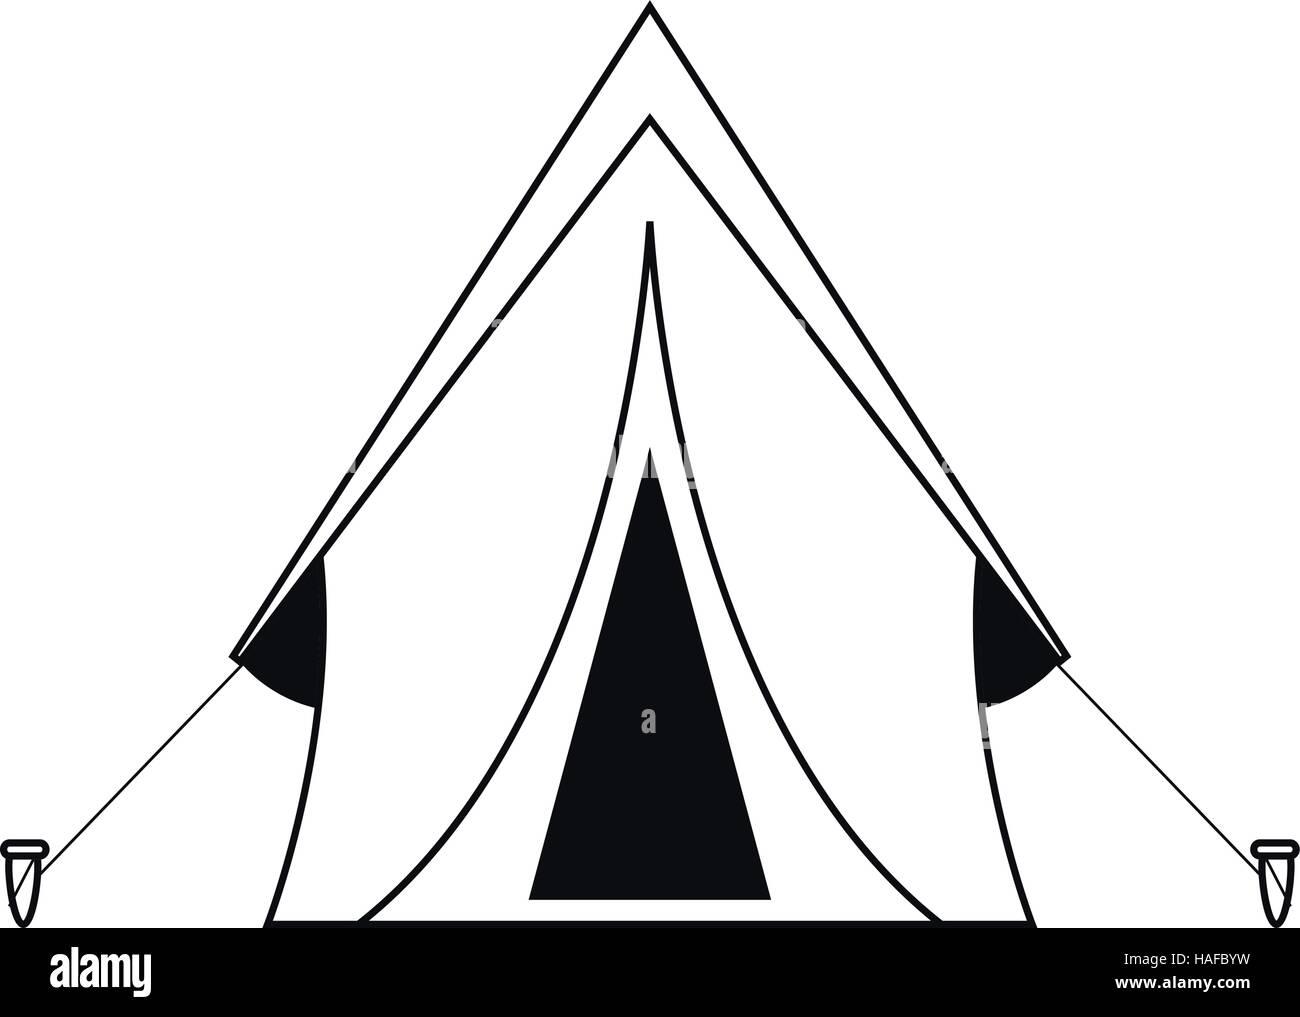 outline tent equipment c&ing activities  sc 1 st  Alamy & outline tent equipment camping activities Stock Vector Art ...